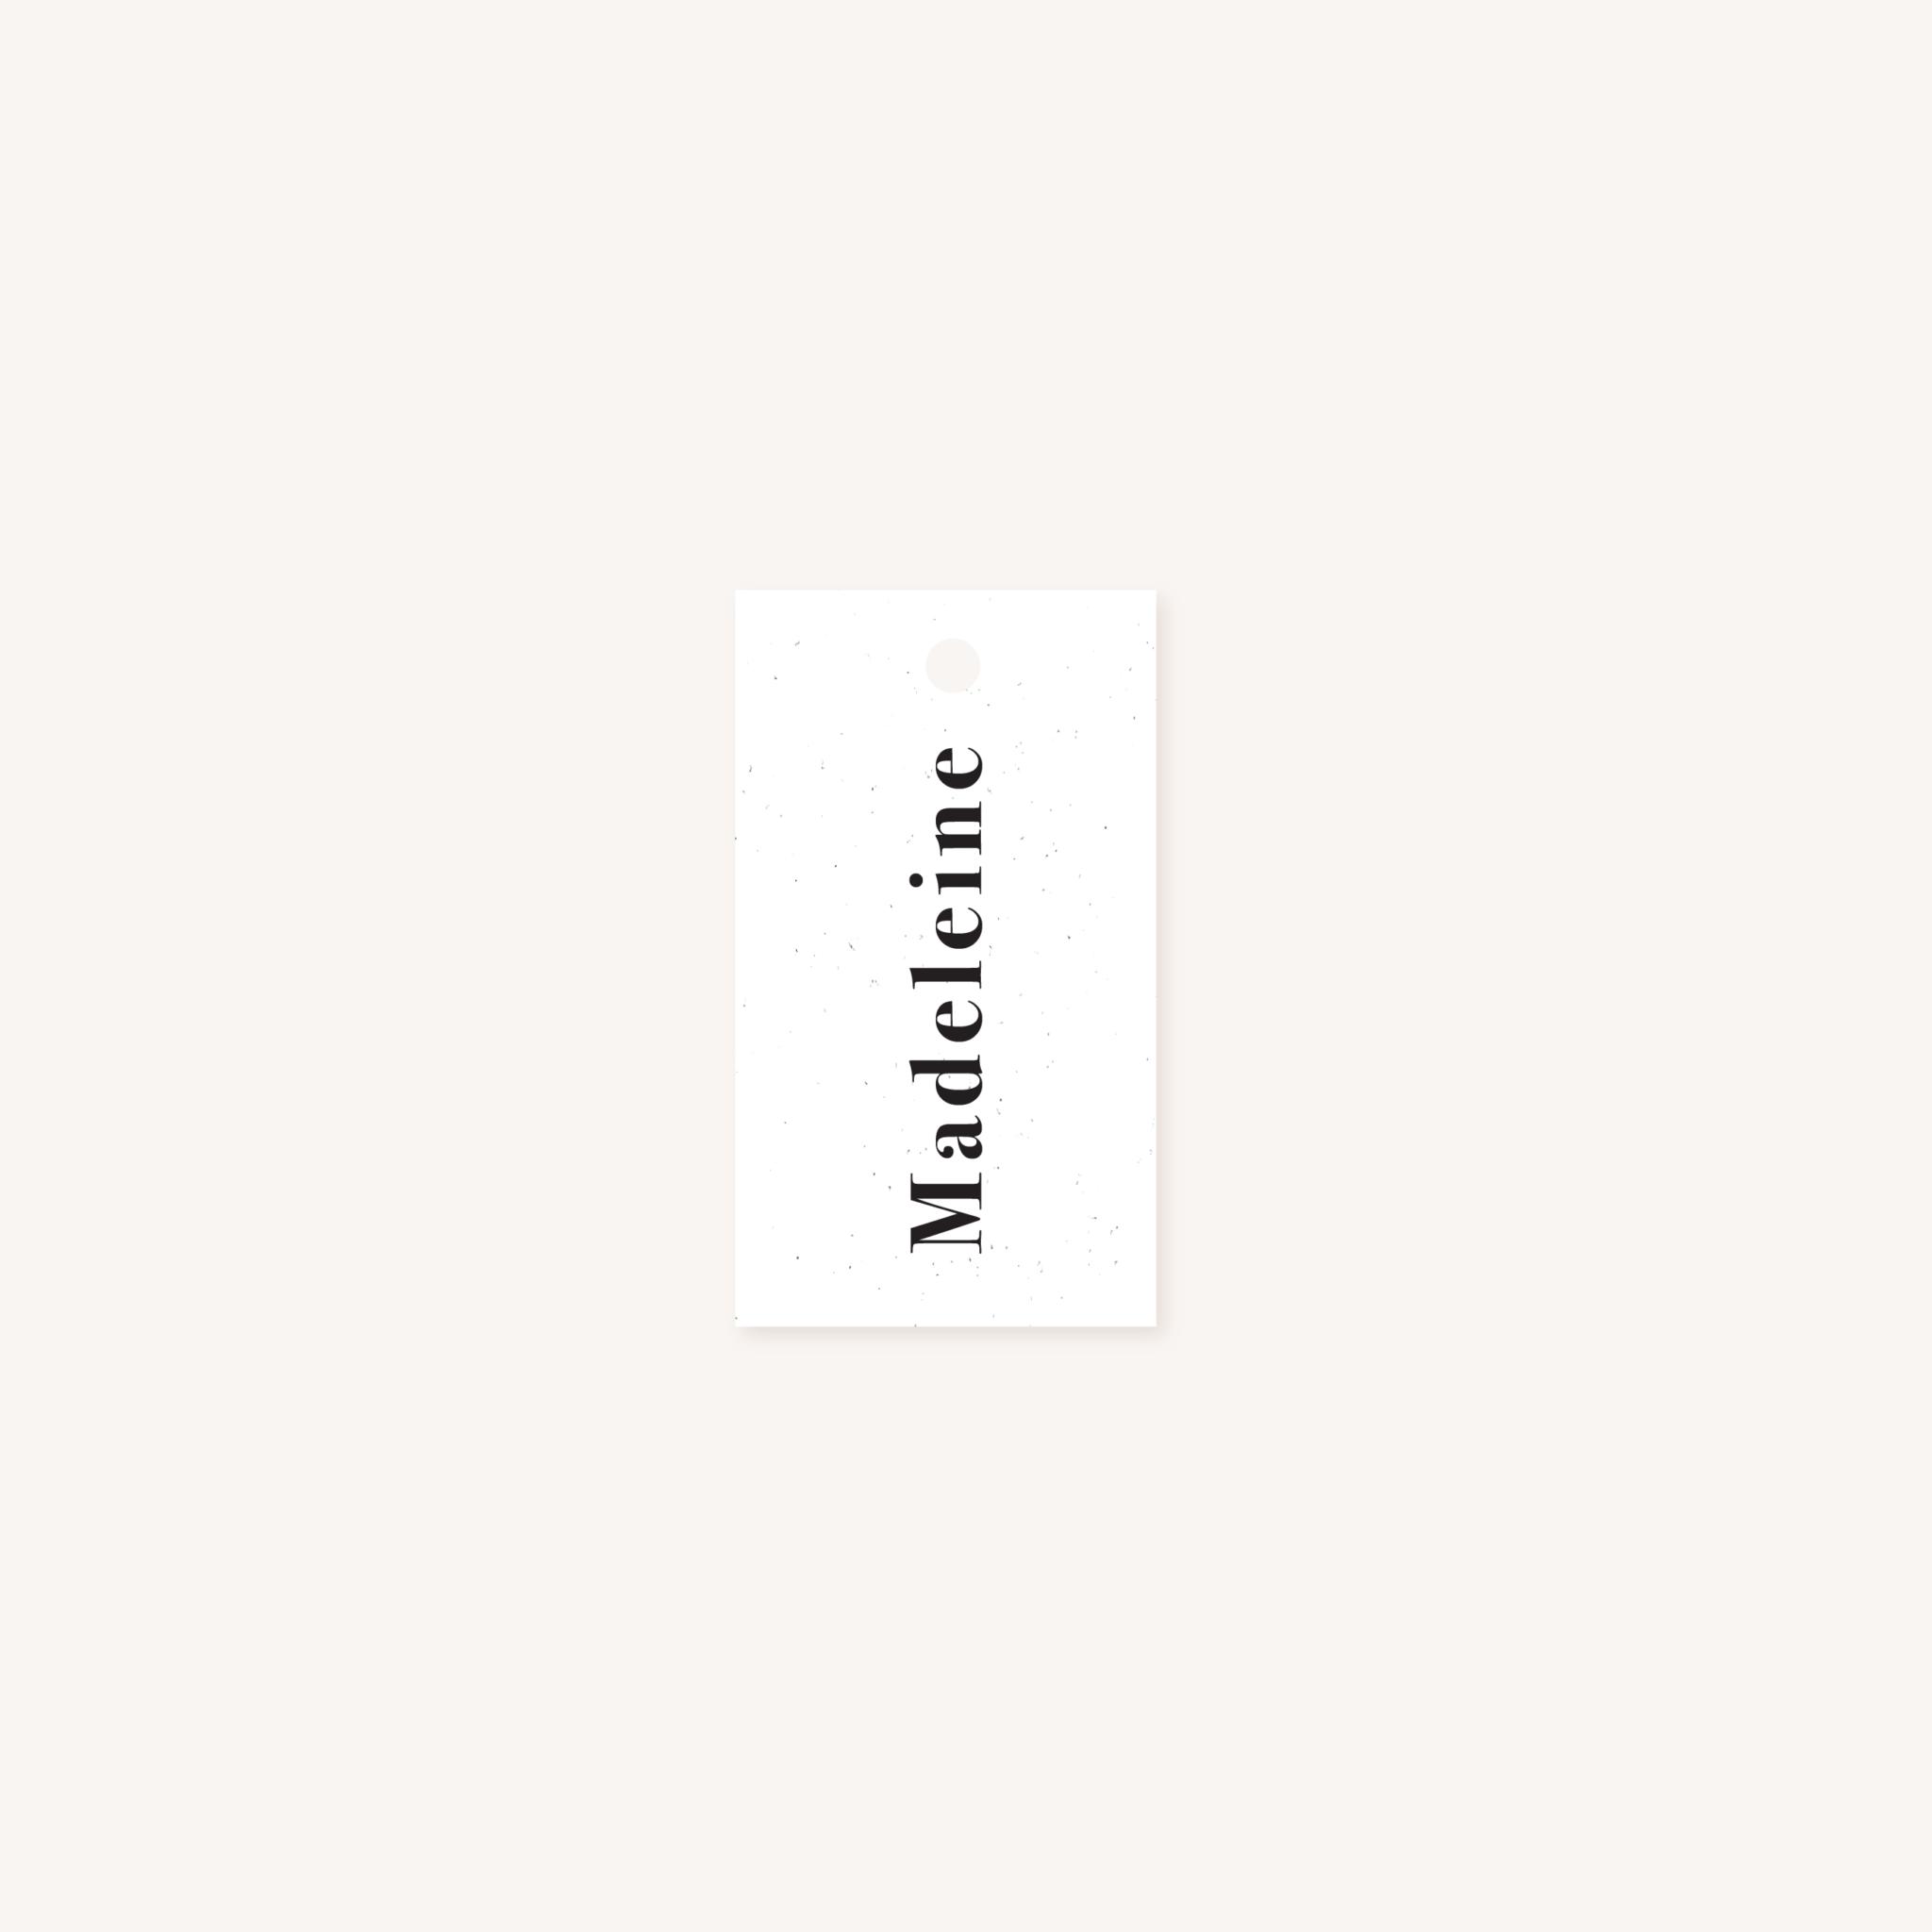 Étiquette nom mariage faire-part papeterie épuré noir blanc neutre unisexe élégant